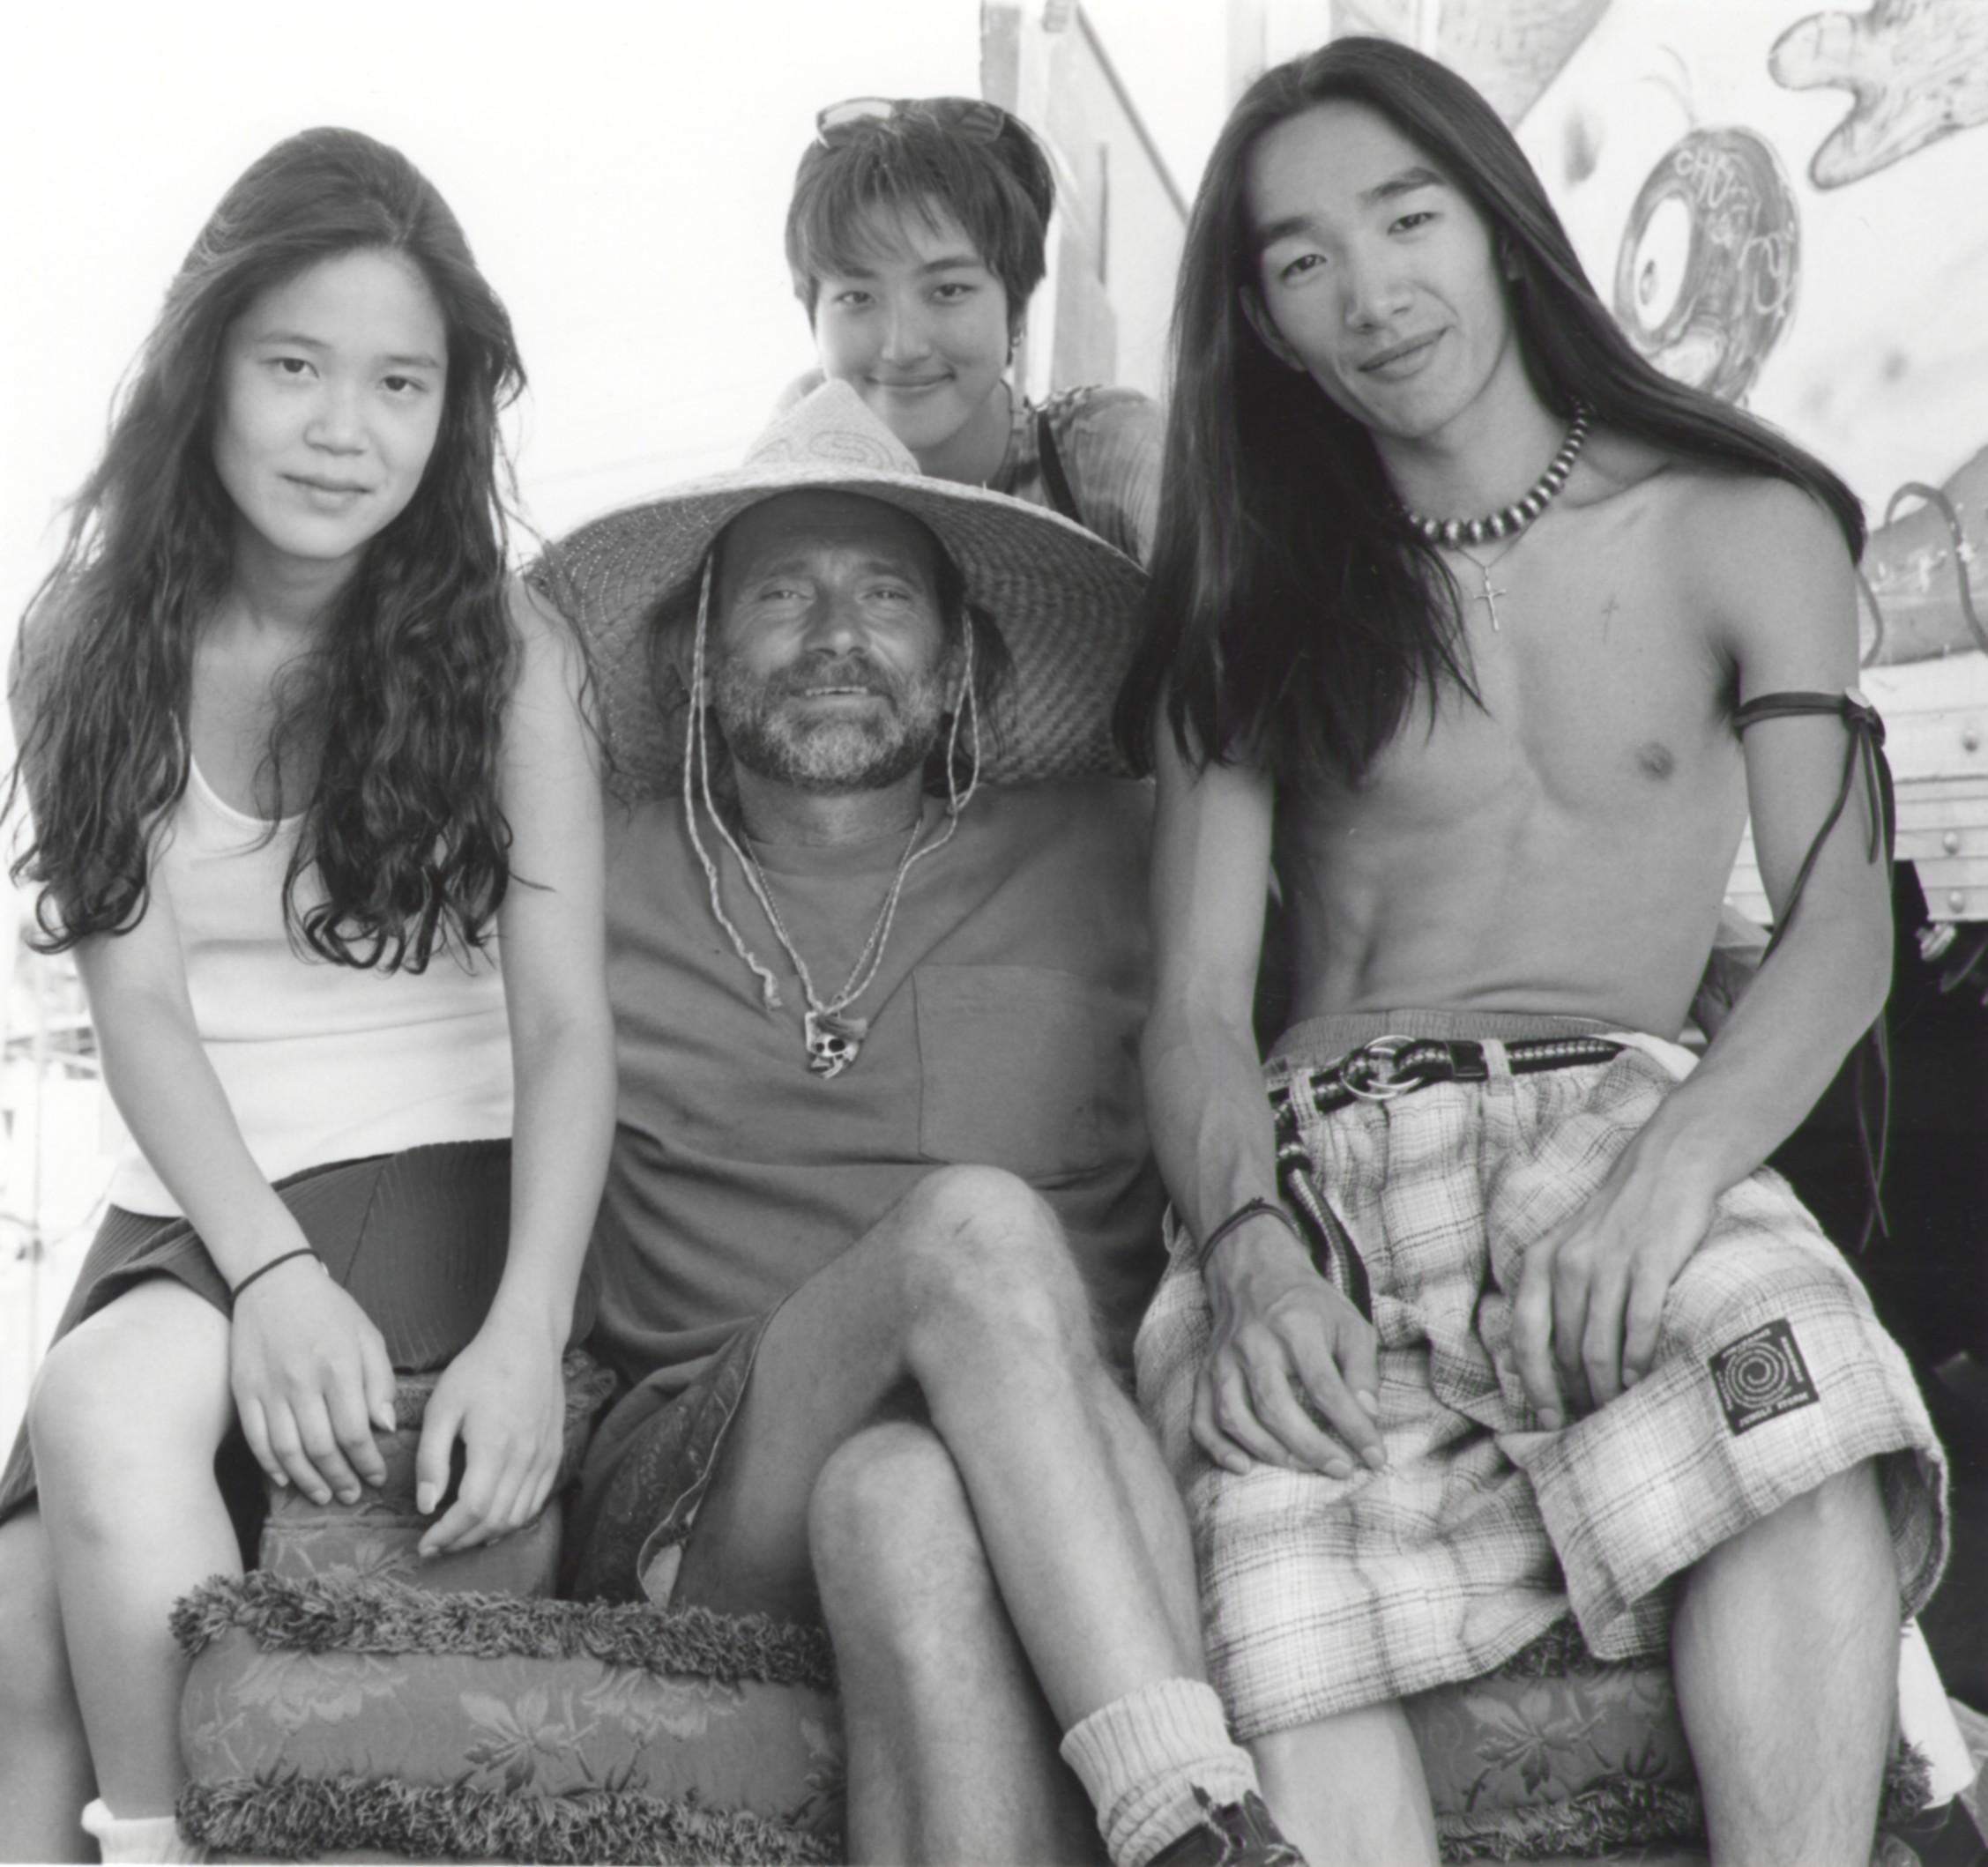 Robert with Friends - Pasadena CA 1994